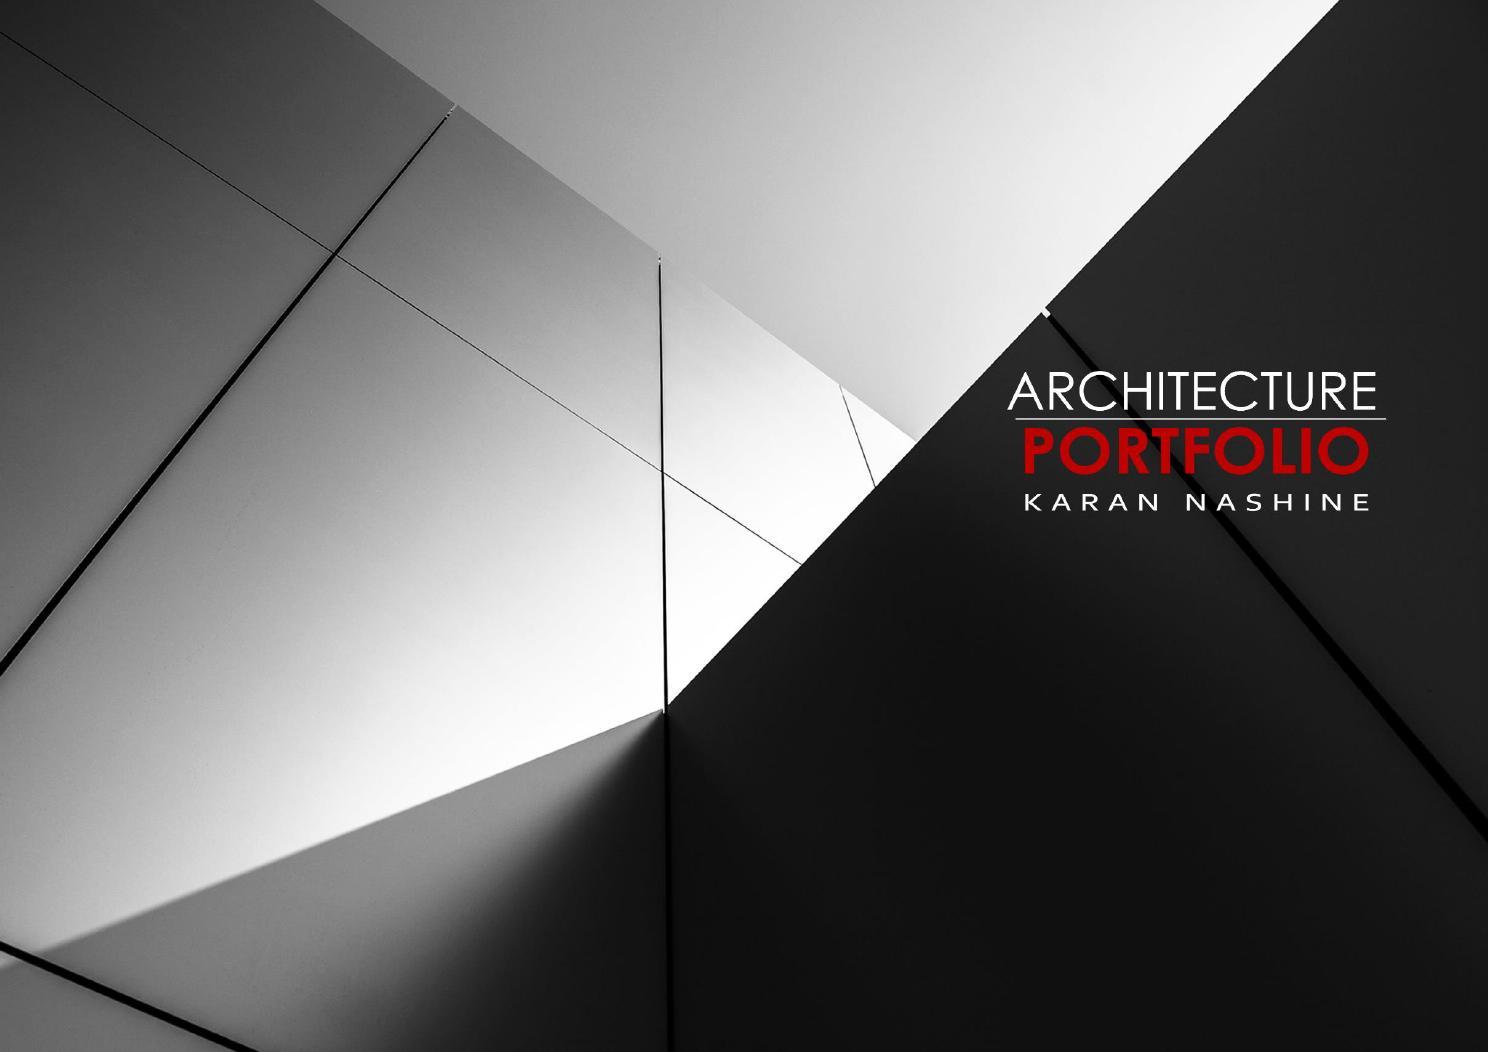 Photo Page: Karan Nashine Architecture Portfolio By Karan Nashine